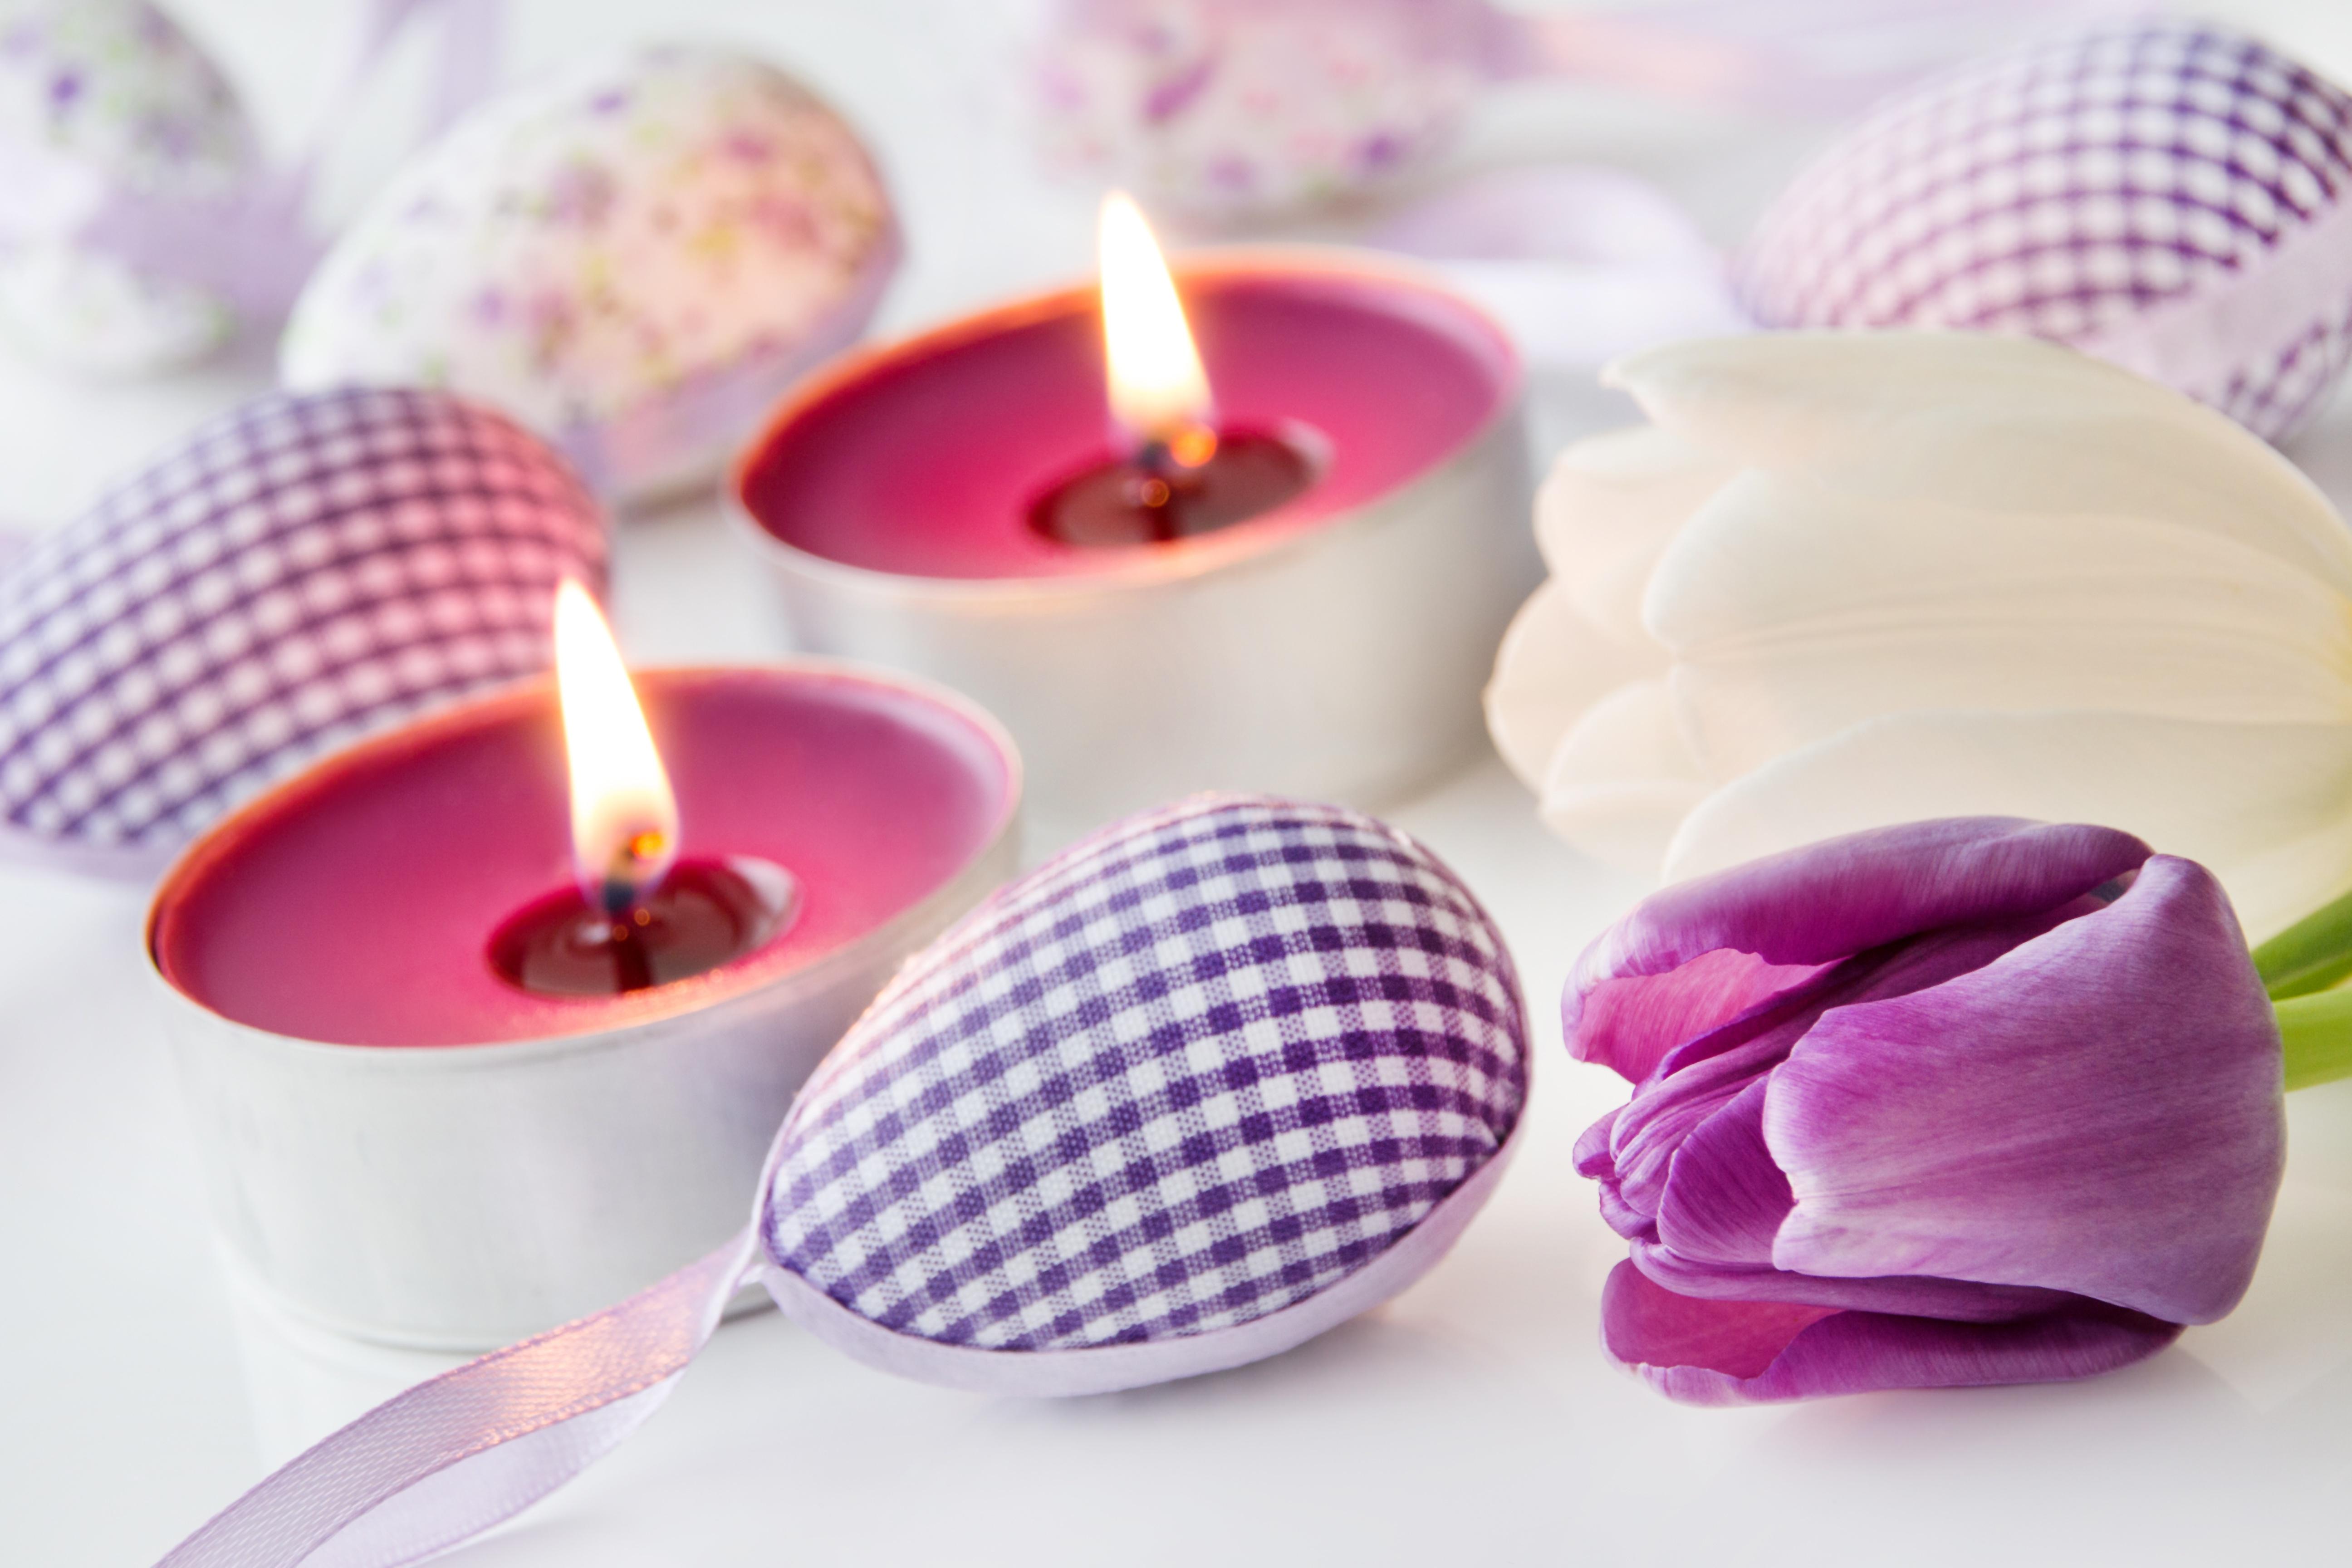 цветы свечи  № 1504302 без смс